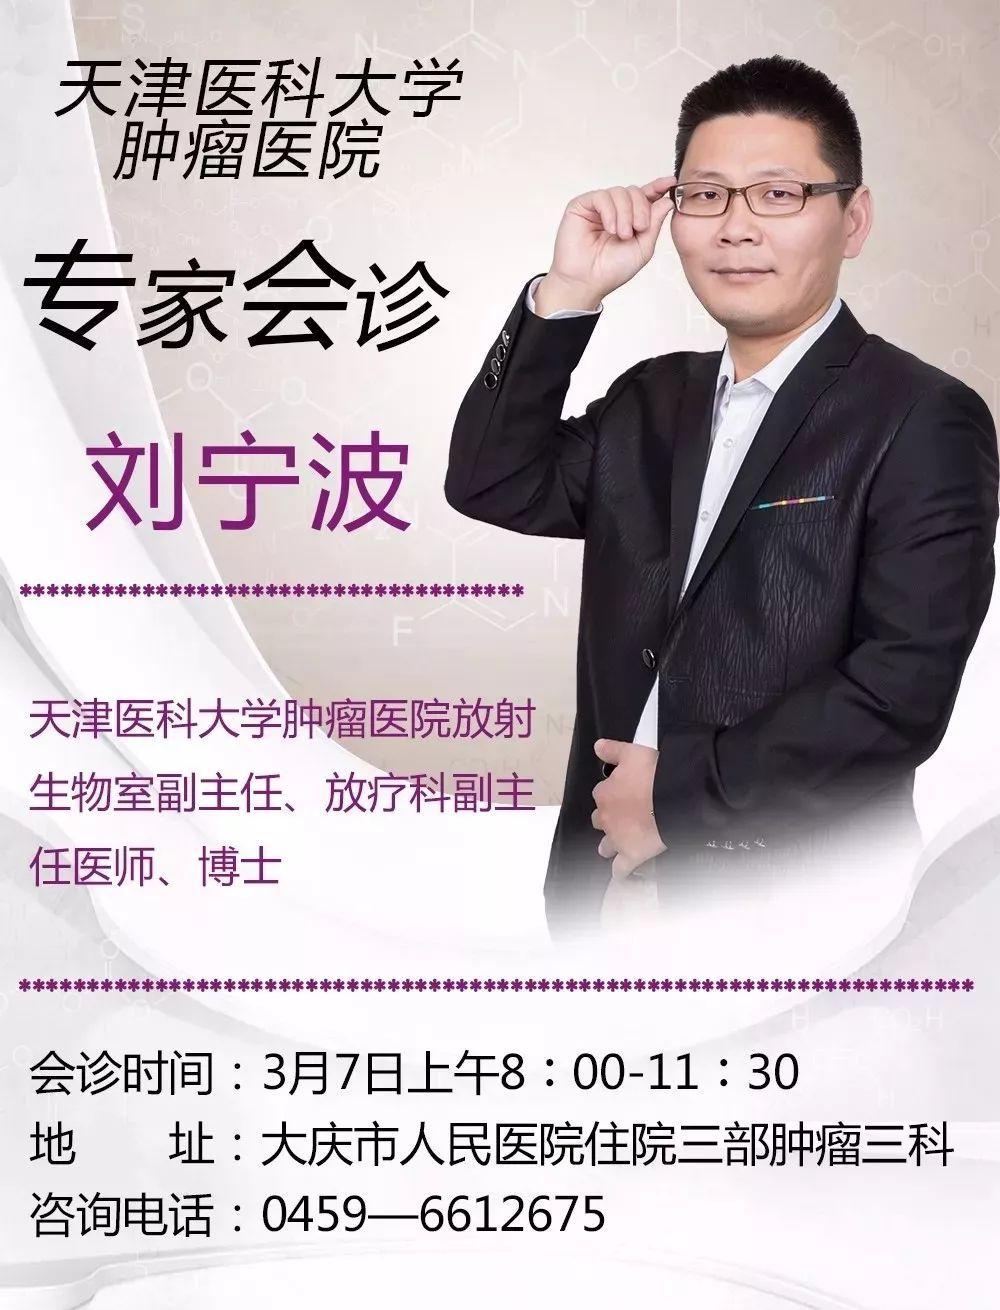 天津医科大学附属肿瘤医院专家刘宁波教授3月7日来我院会诊